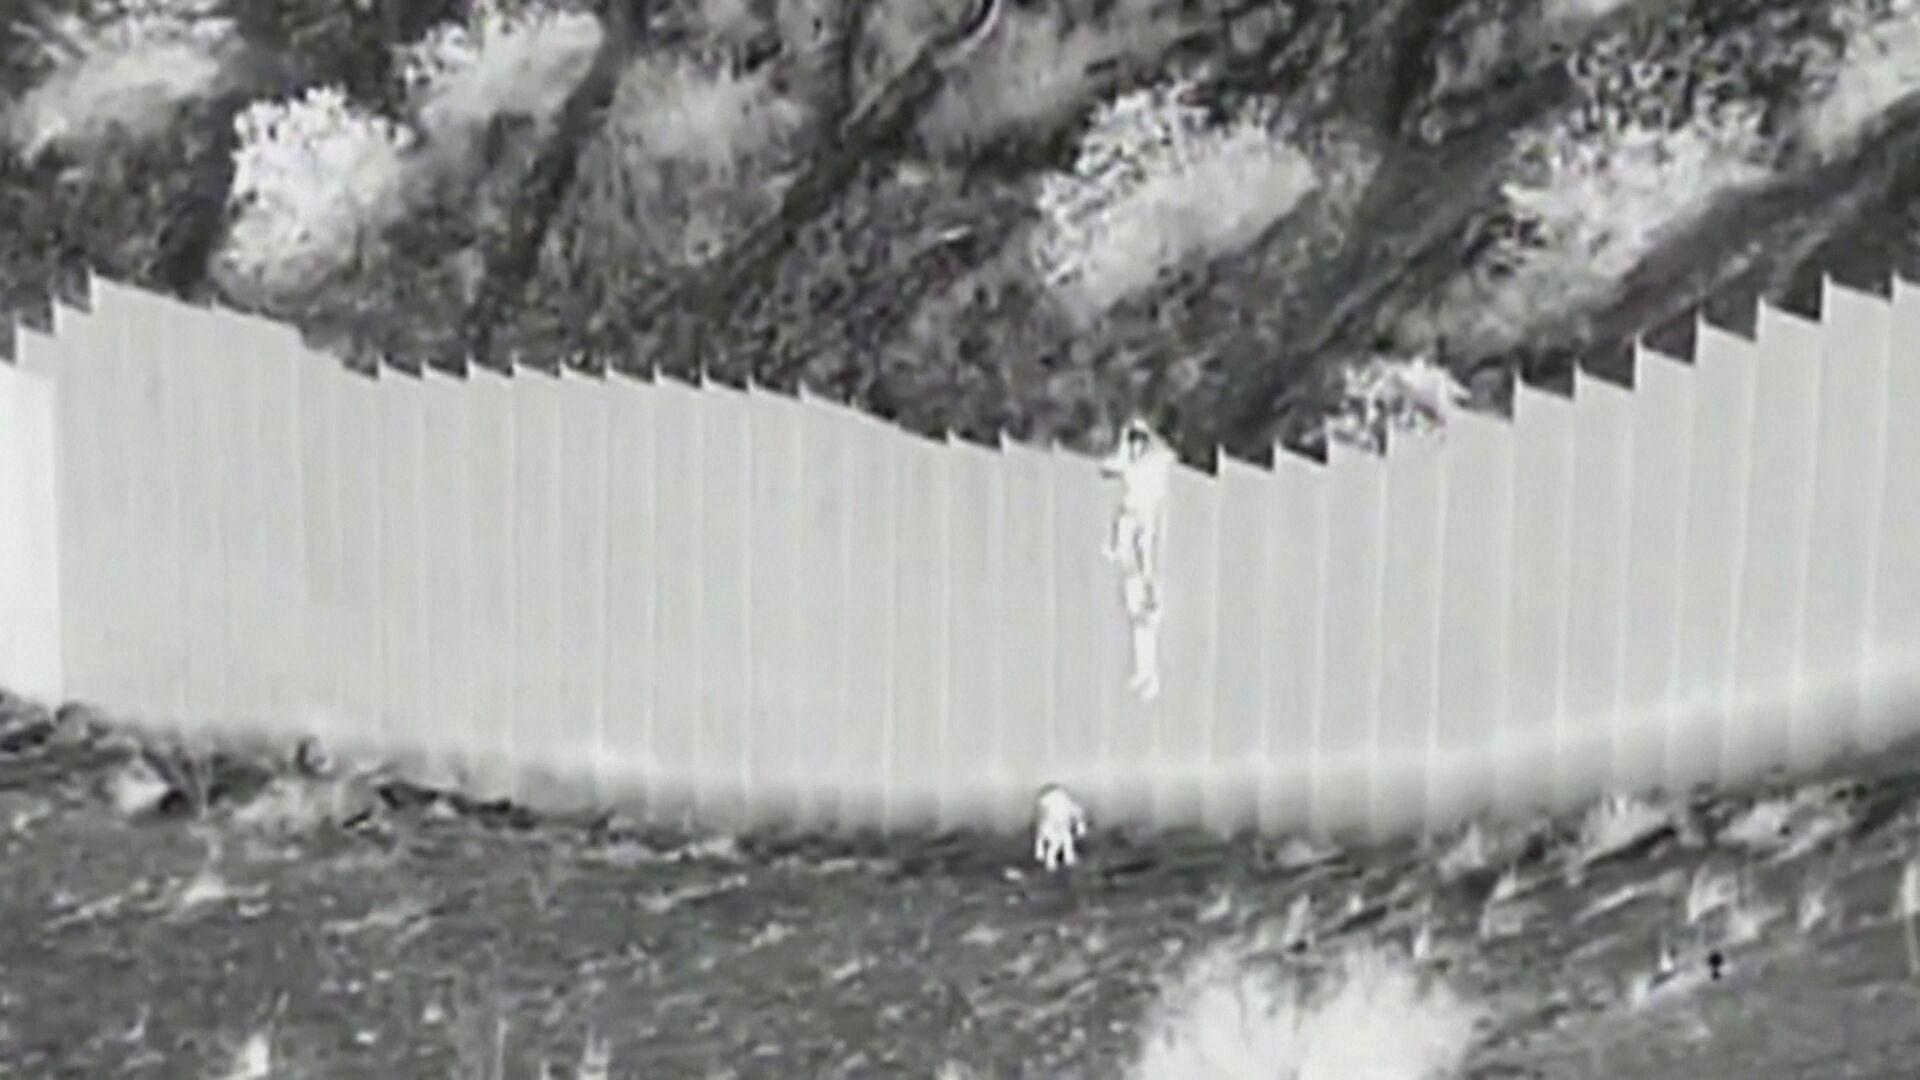 Crianças equatorianas foram jogadas pelo muro por dois homens